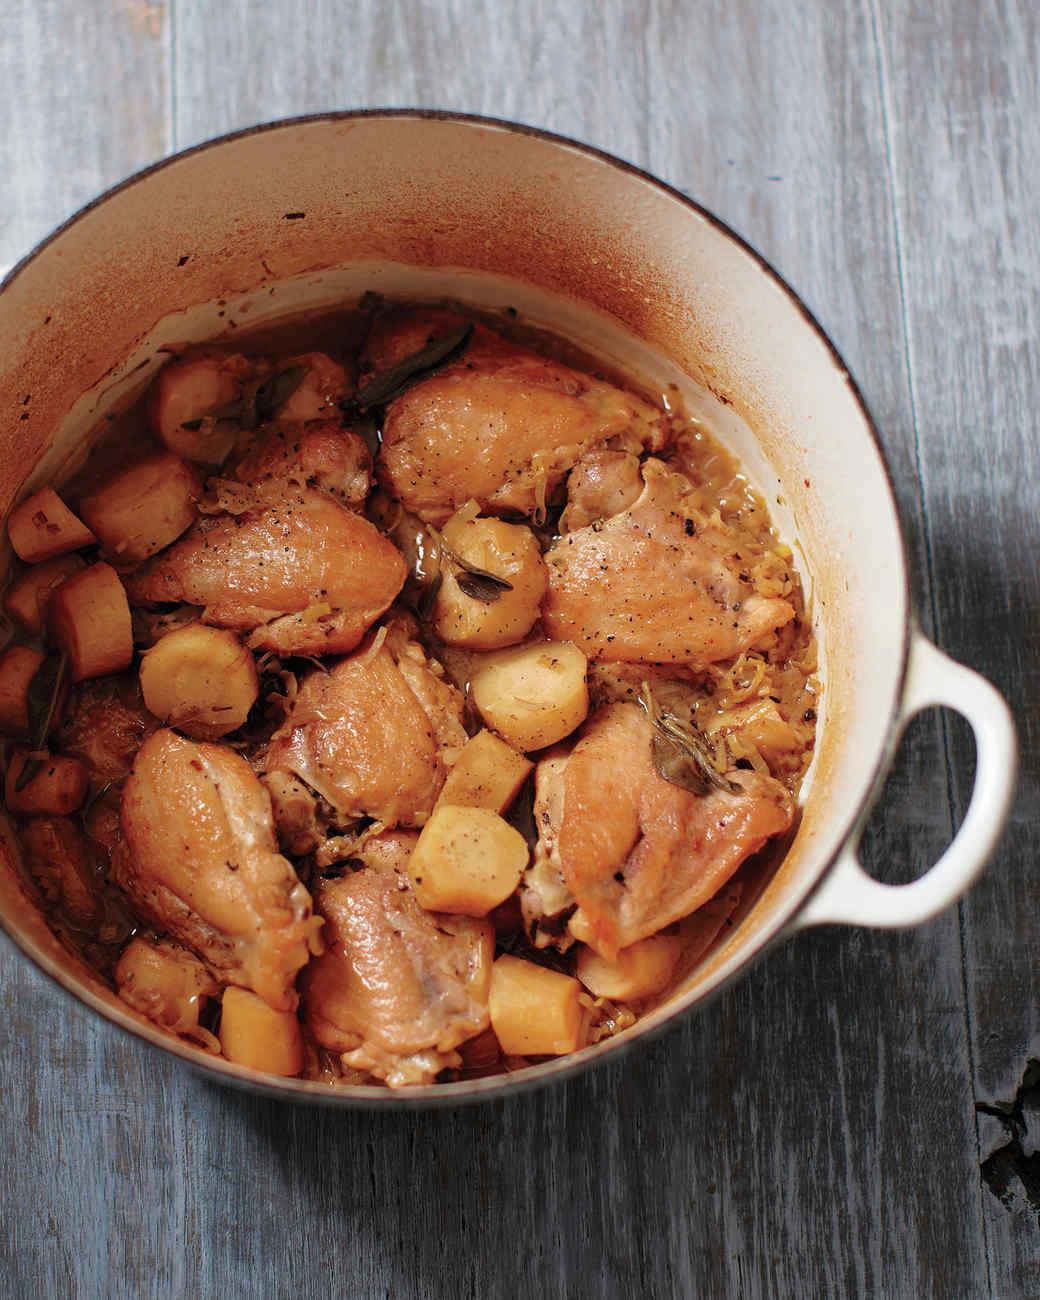 Braised Chicken and Parsnips